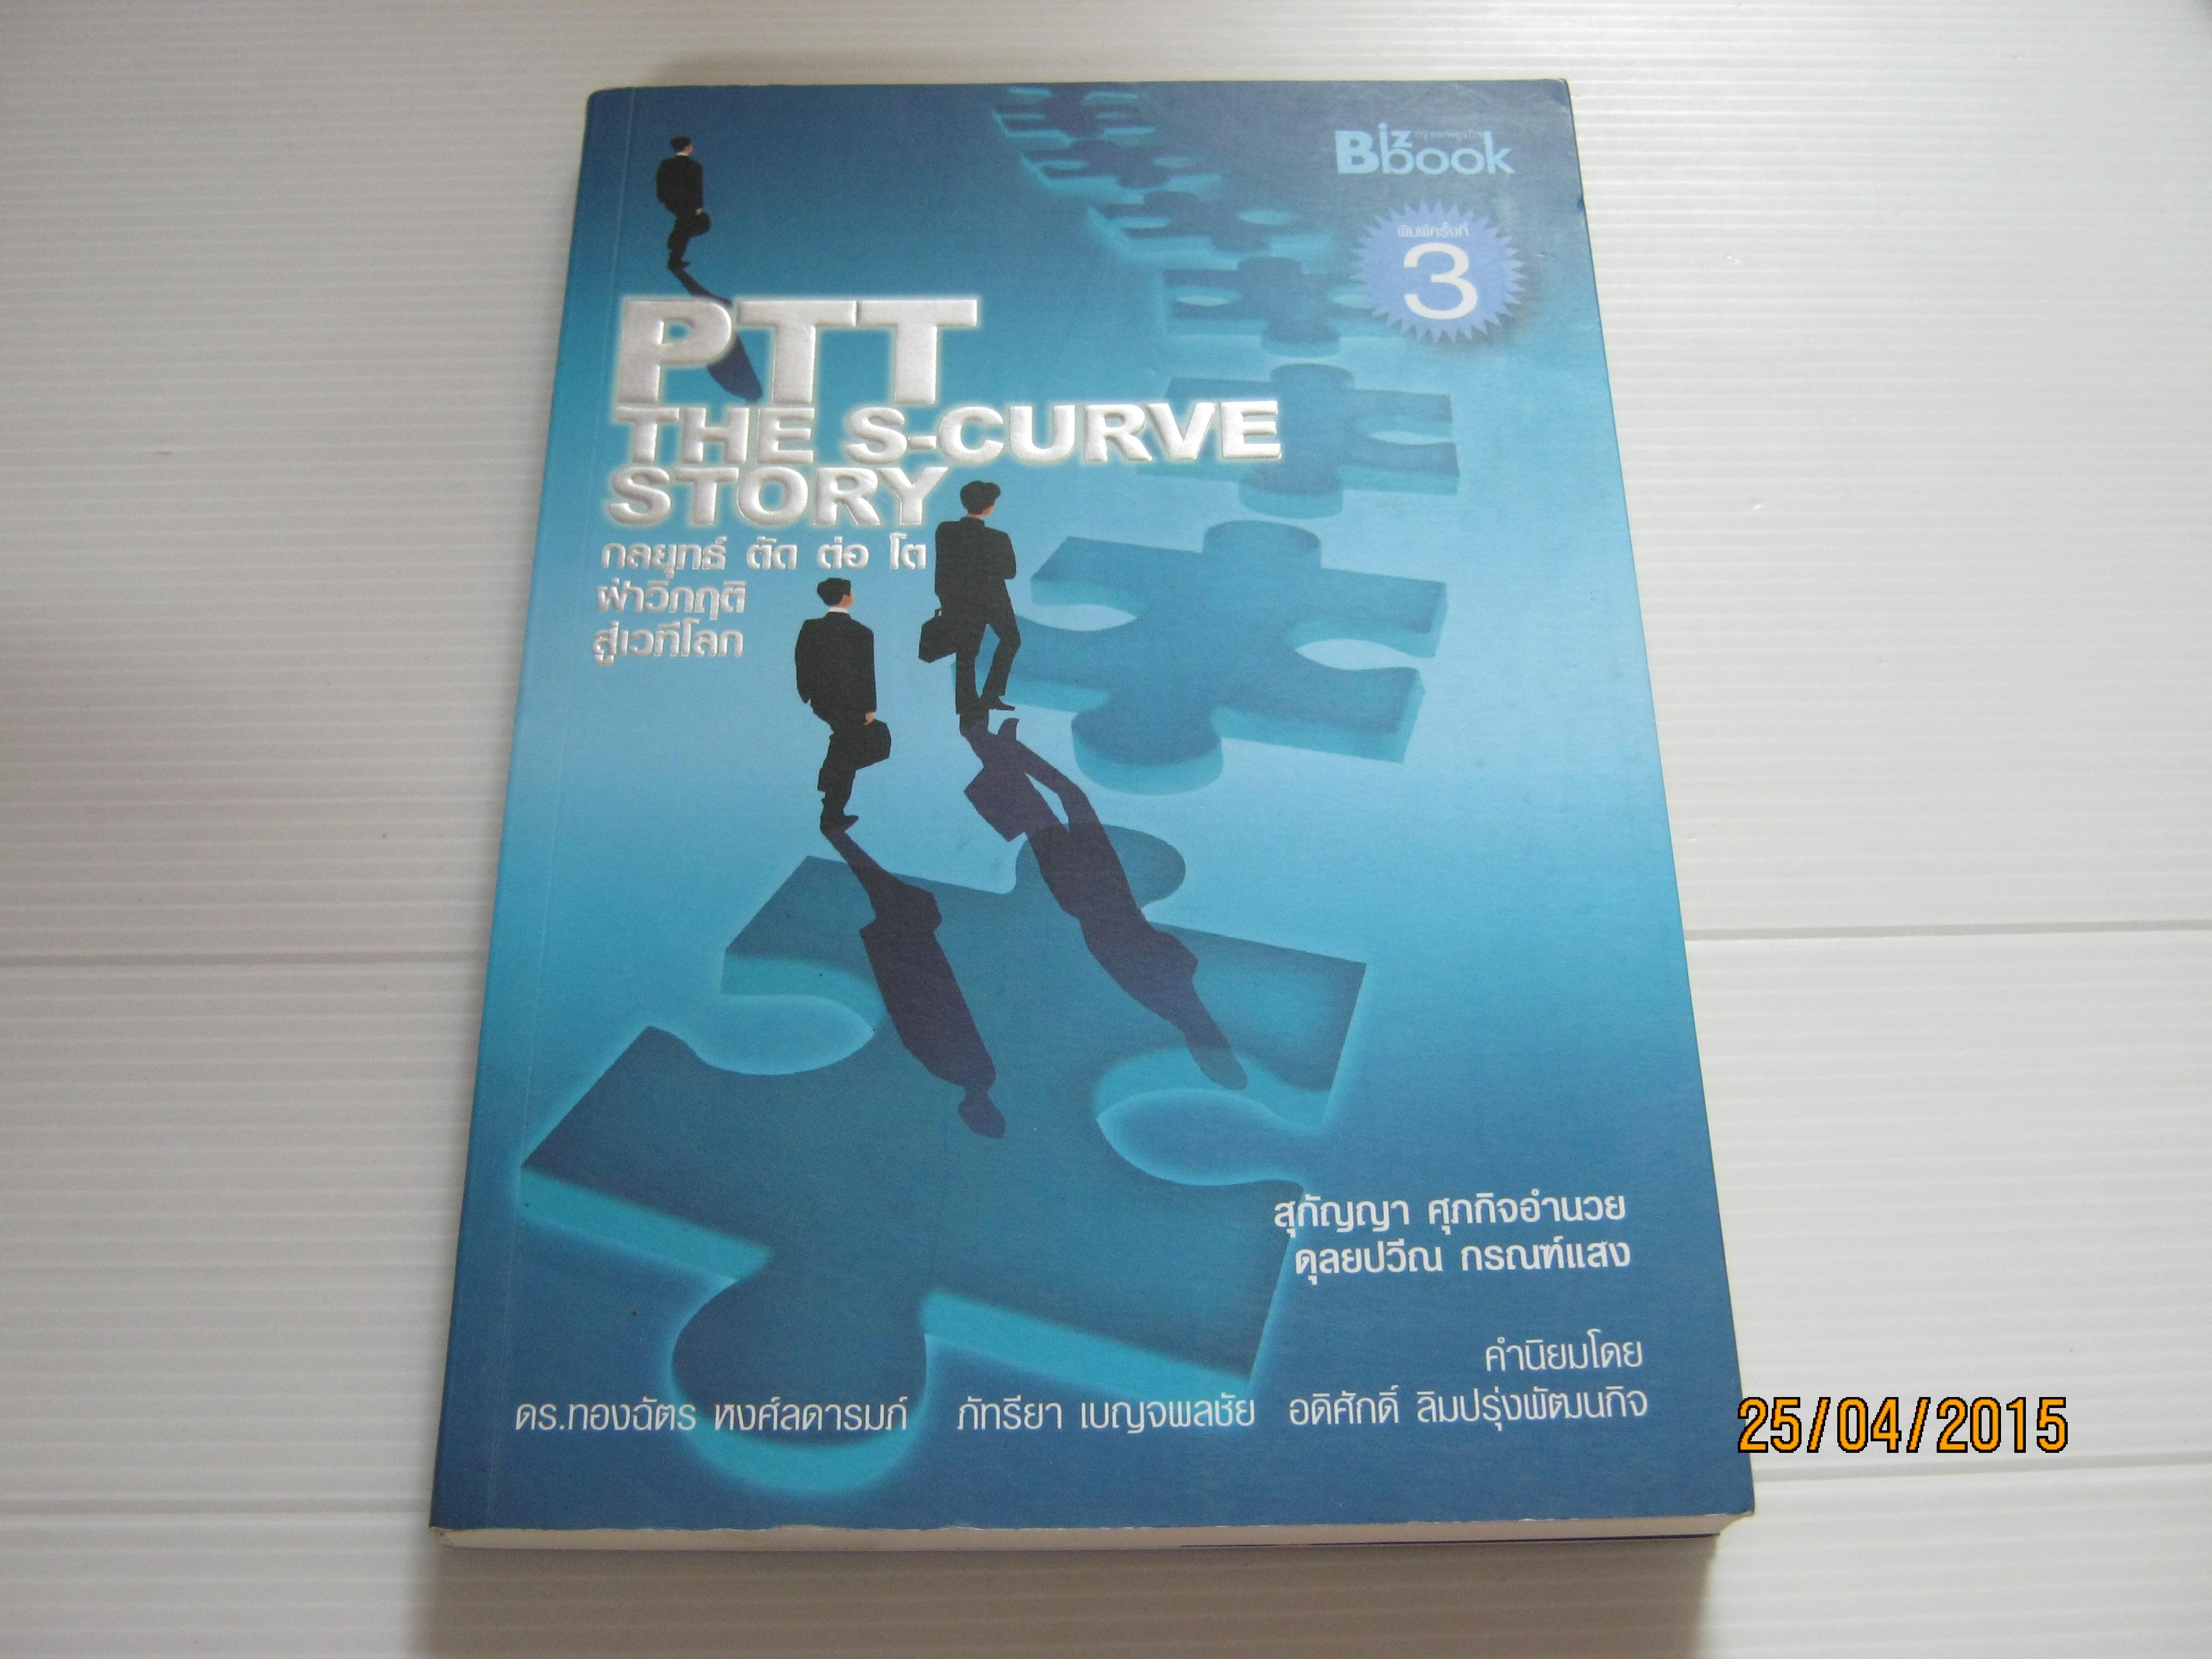 กลยุทธ์ ตัด ต่อ โต ฝ่าวิกฤติสู่เวทีโลก (PTT The S-Curve Story) พิมพ์ครั้งที่ 3 สุกัญญา ศุภกิจอำนวยและดุลยปวีณ กรณฑ์แสง เขียน